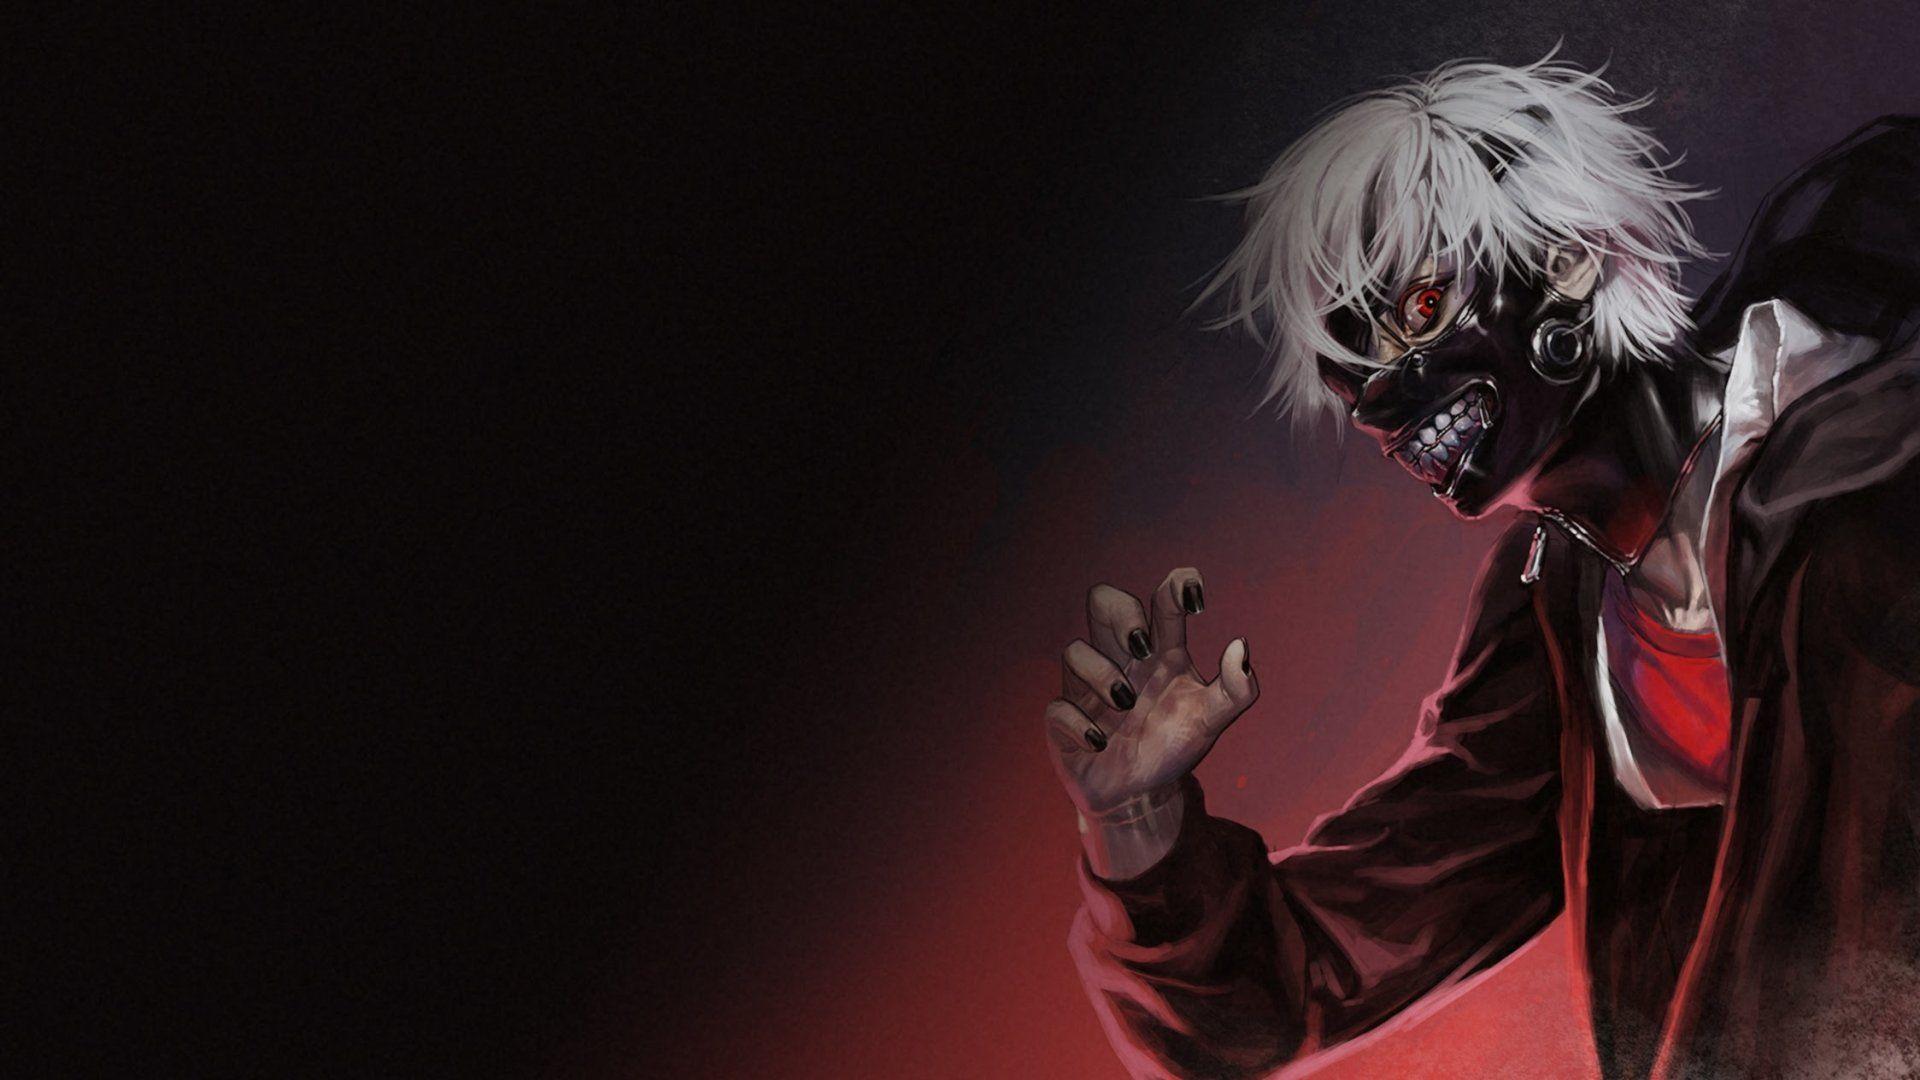 Anime Tokyo Ghoul Dark Anime Ken Kaneki Mask Creepy Wallpaper